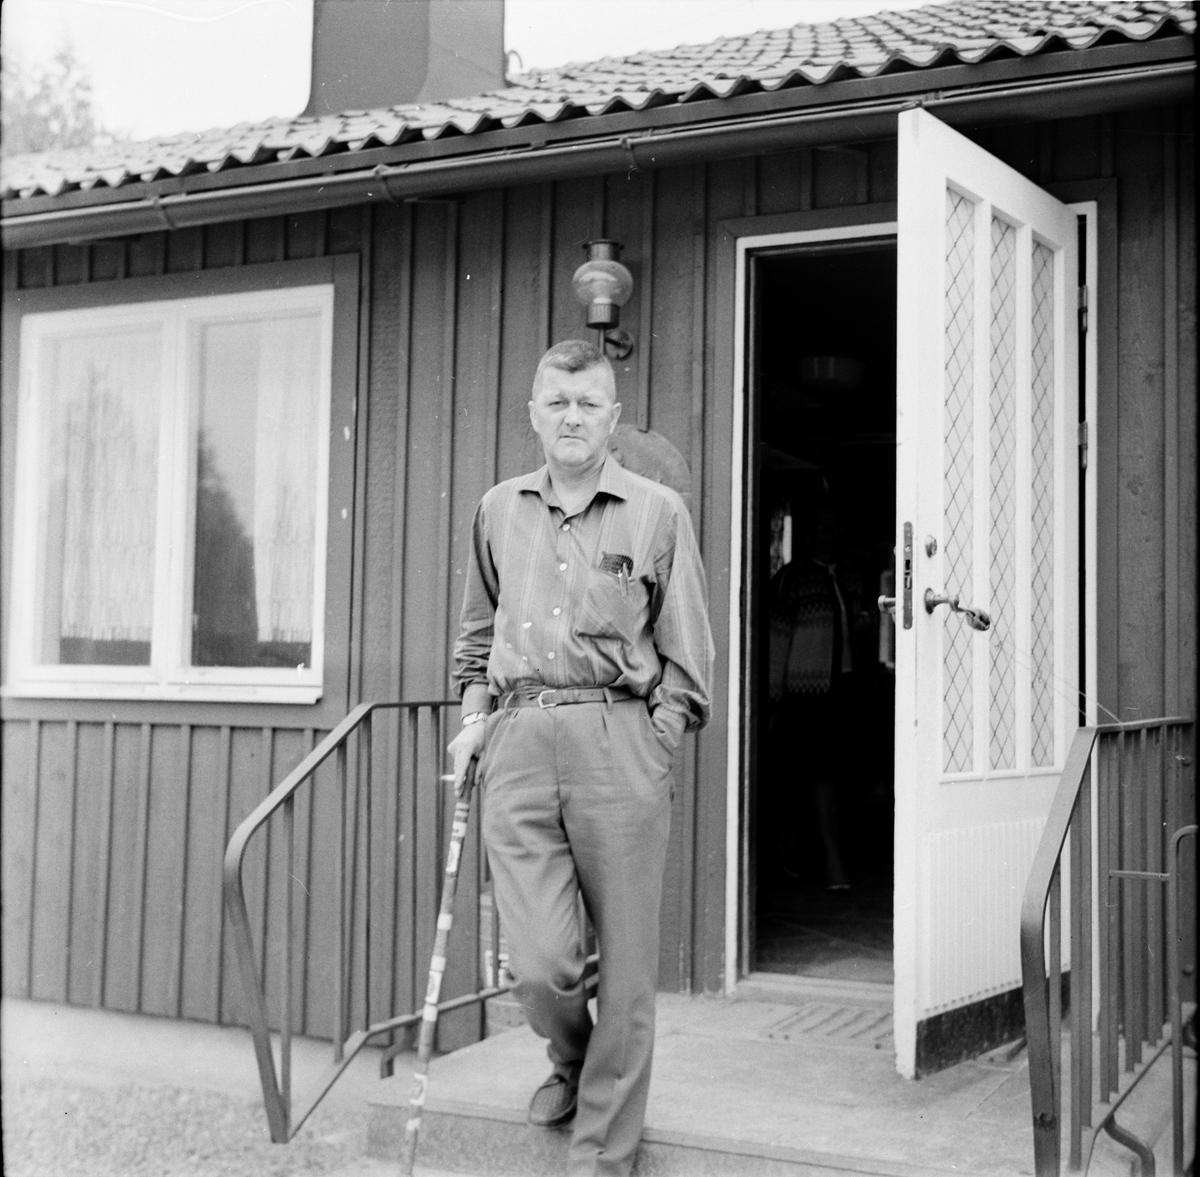 Bollegården, De handikappade, September 1968